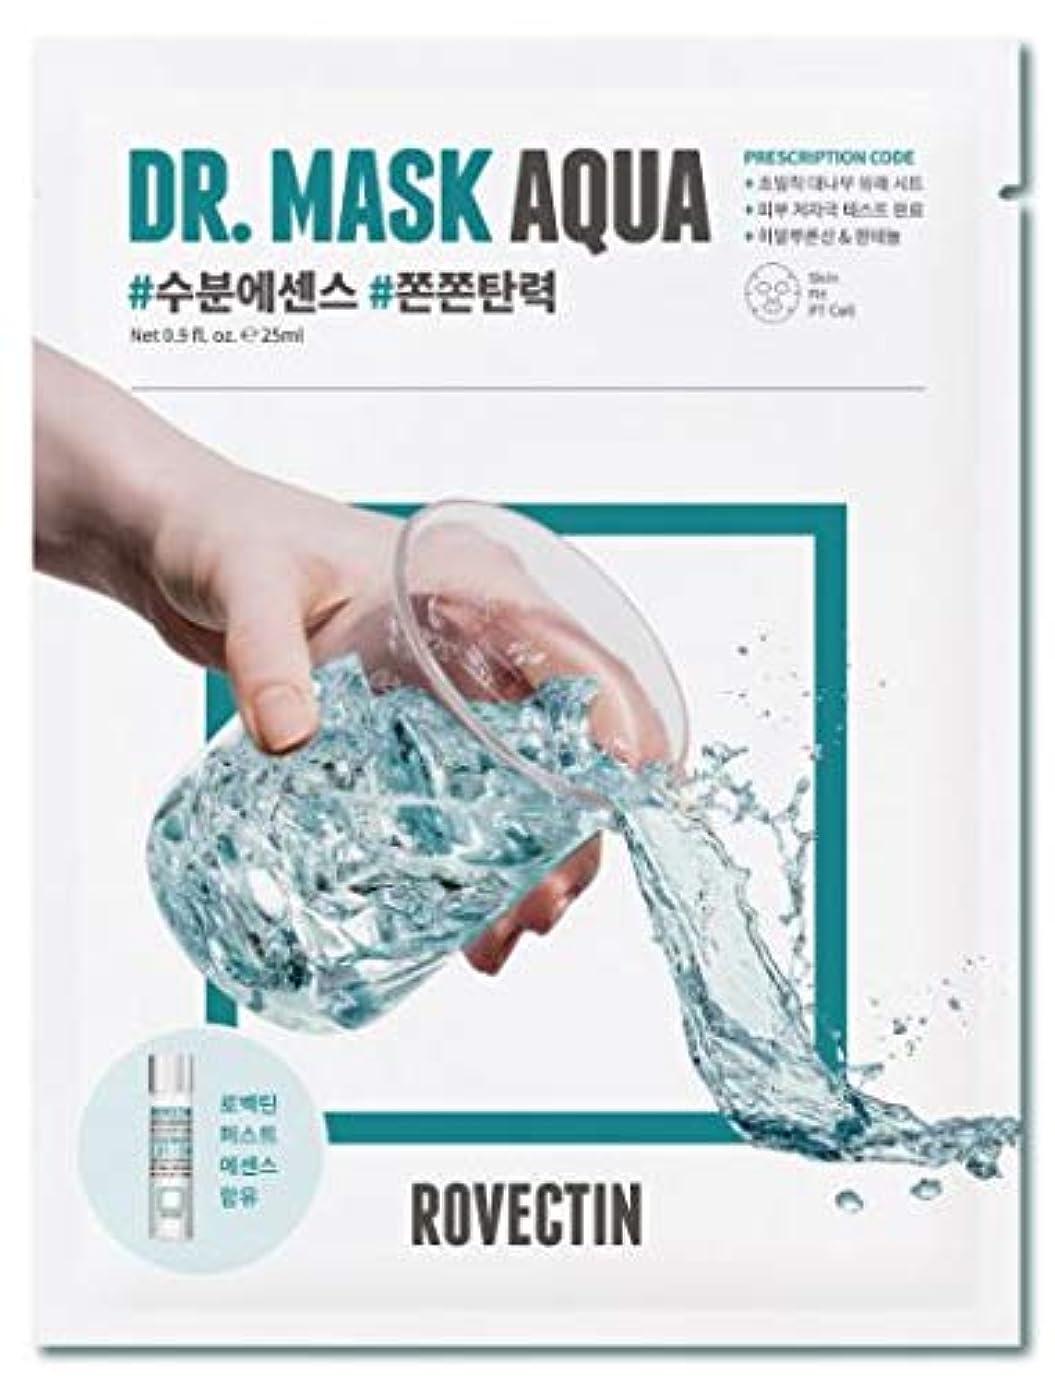 グリースめったに醜い[Rovectin] Skin Essentials Dr. Mask Aqua 5ea? / [ロベクチン] スキン エッセンシャル ドクター マスク アクア 5枚 [並行輸入品]